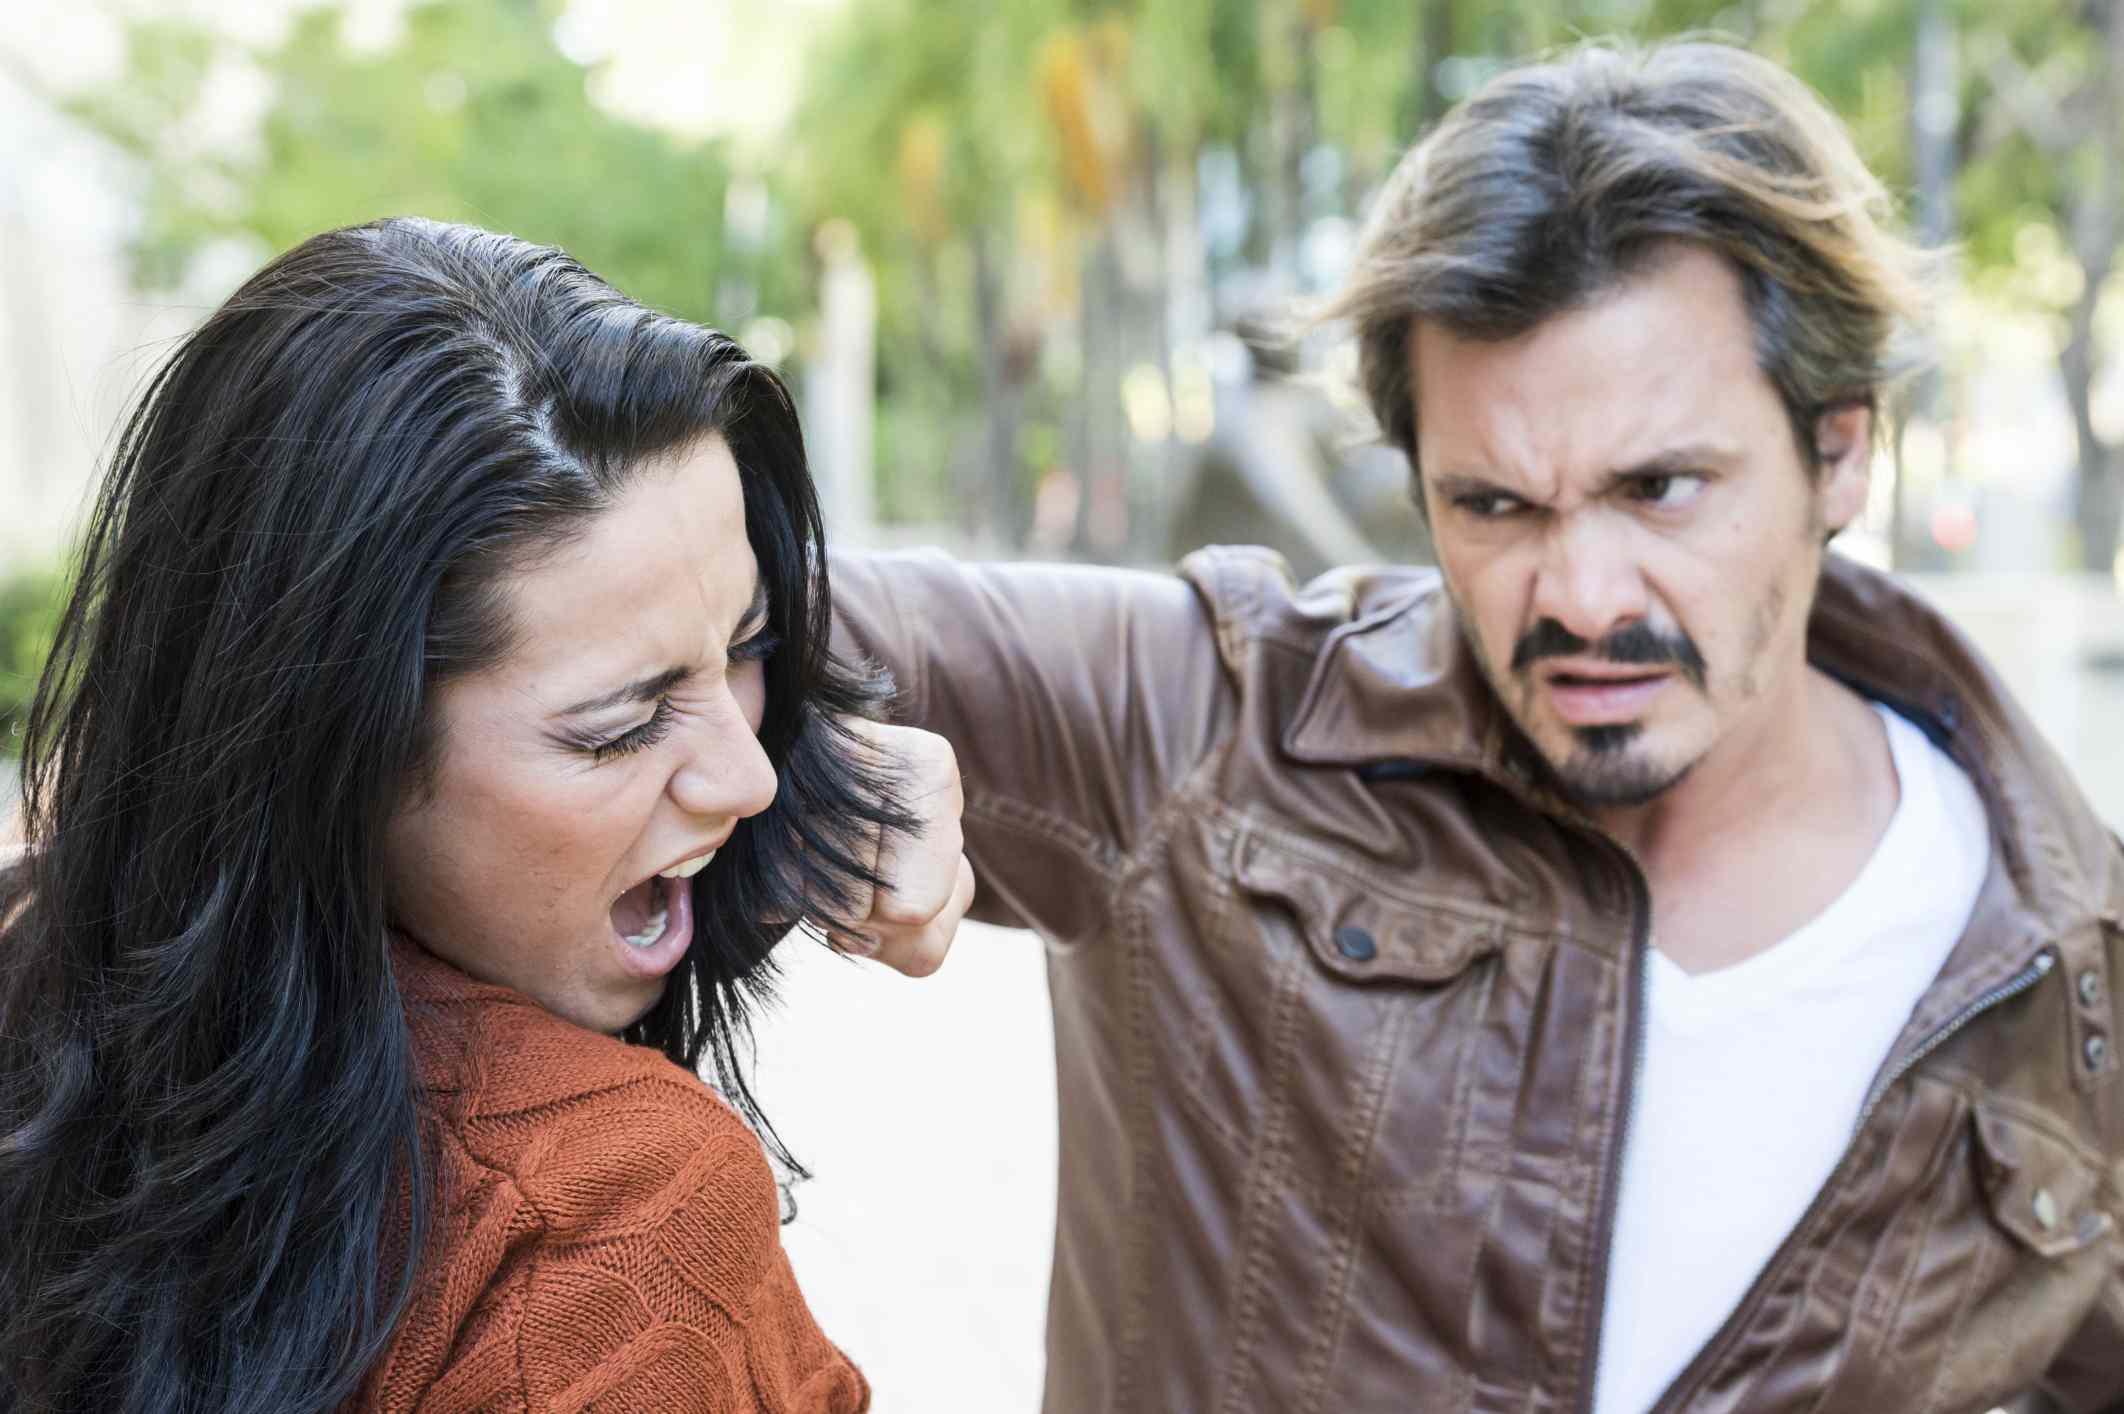 Escena de violencia doméstica